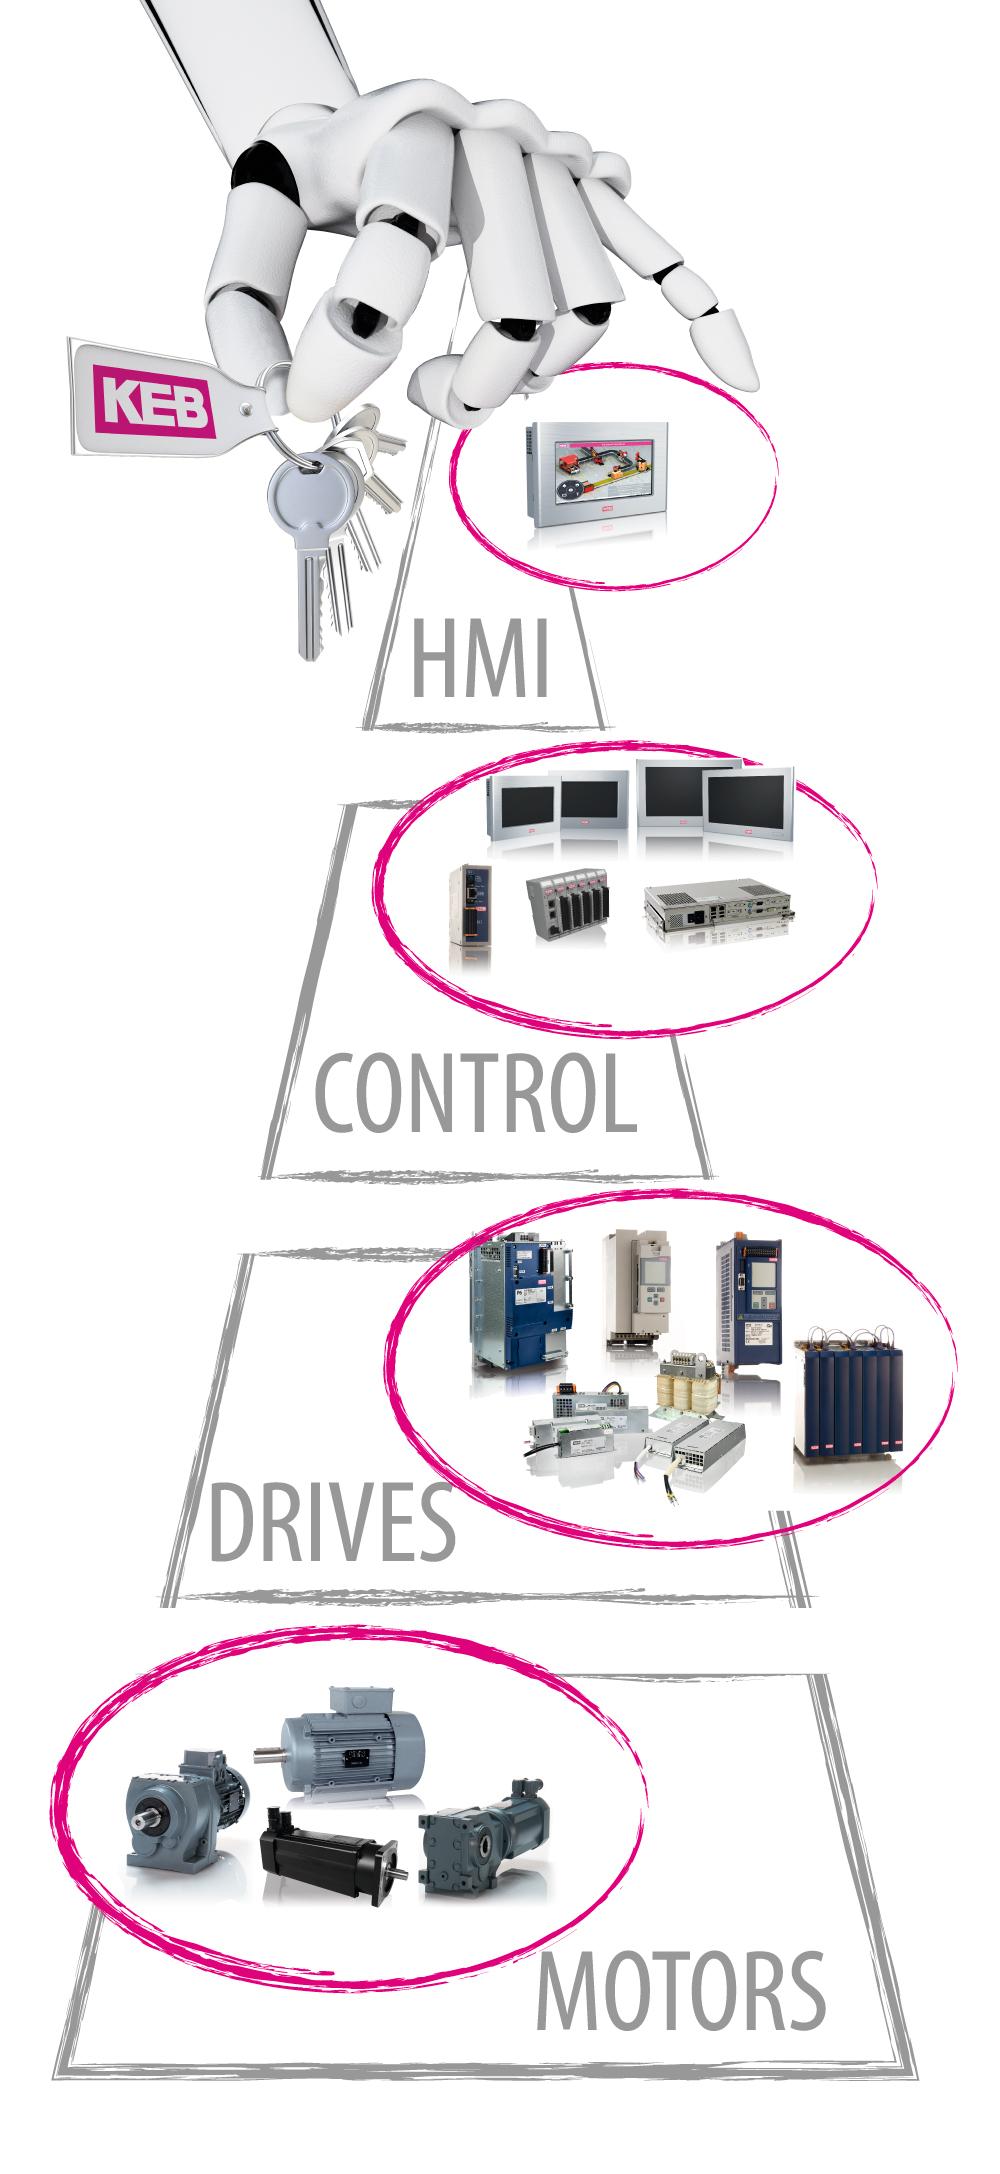 pyramide_hmi_controls_drives_motors.jpg